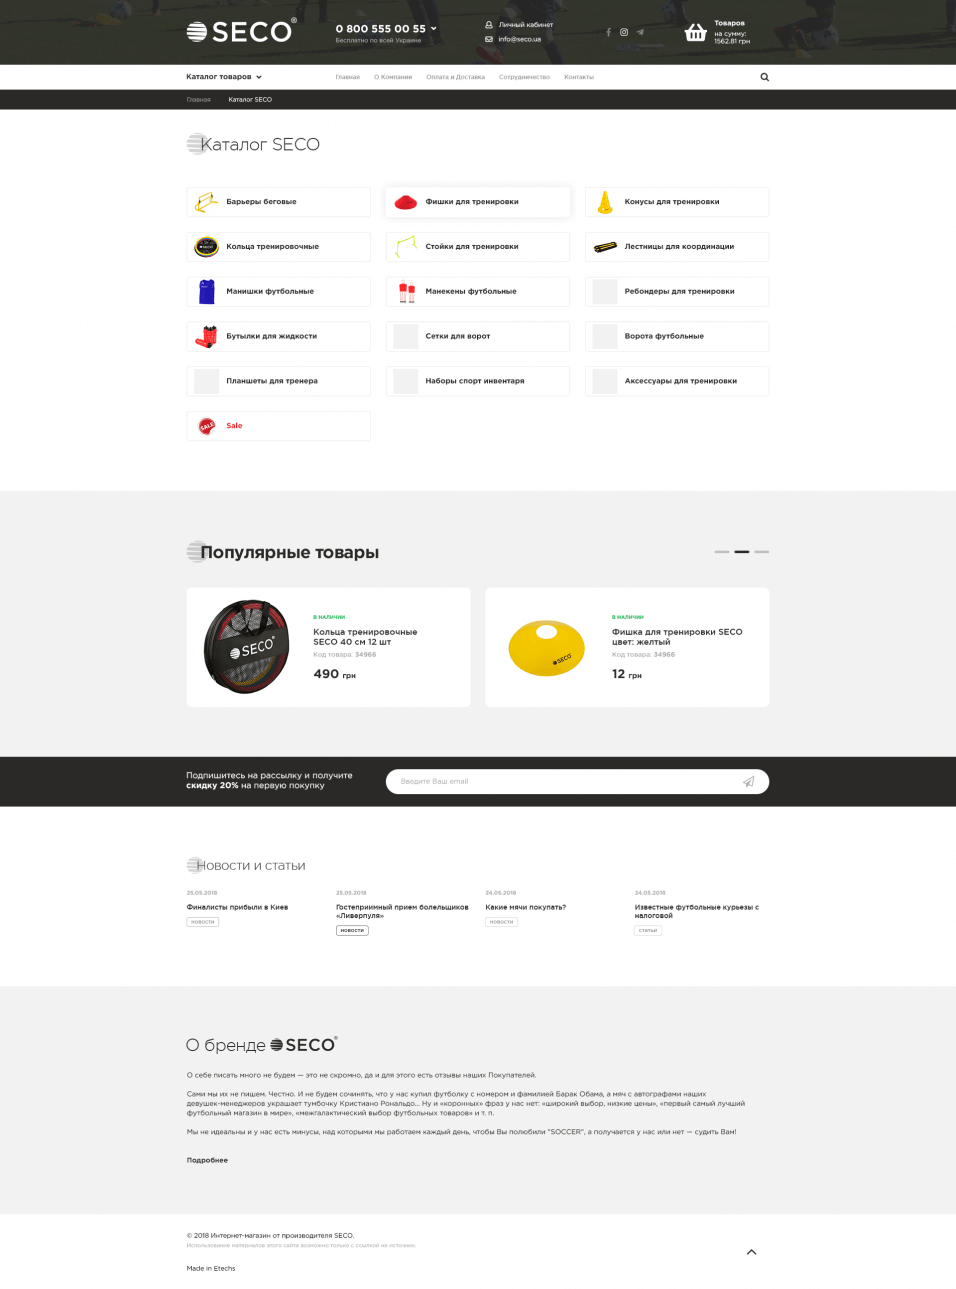 SECO Catalog